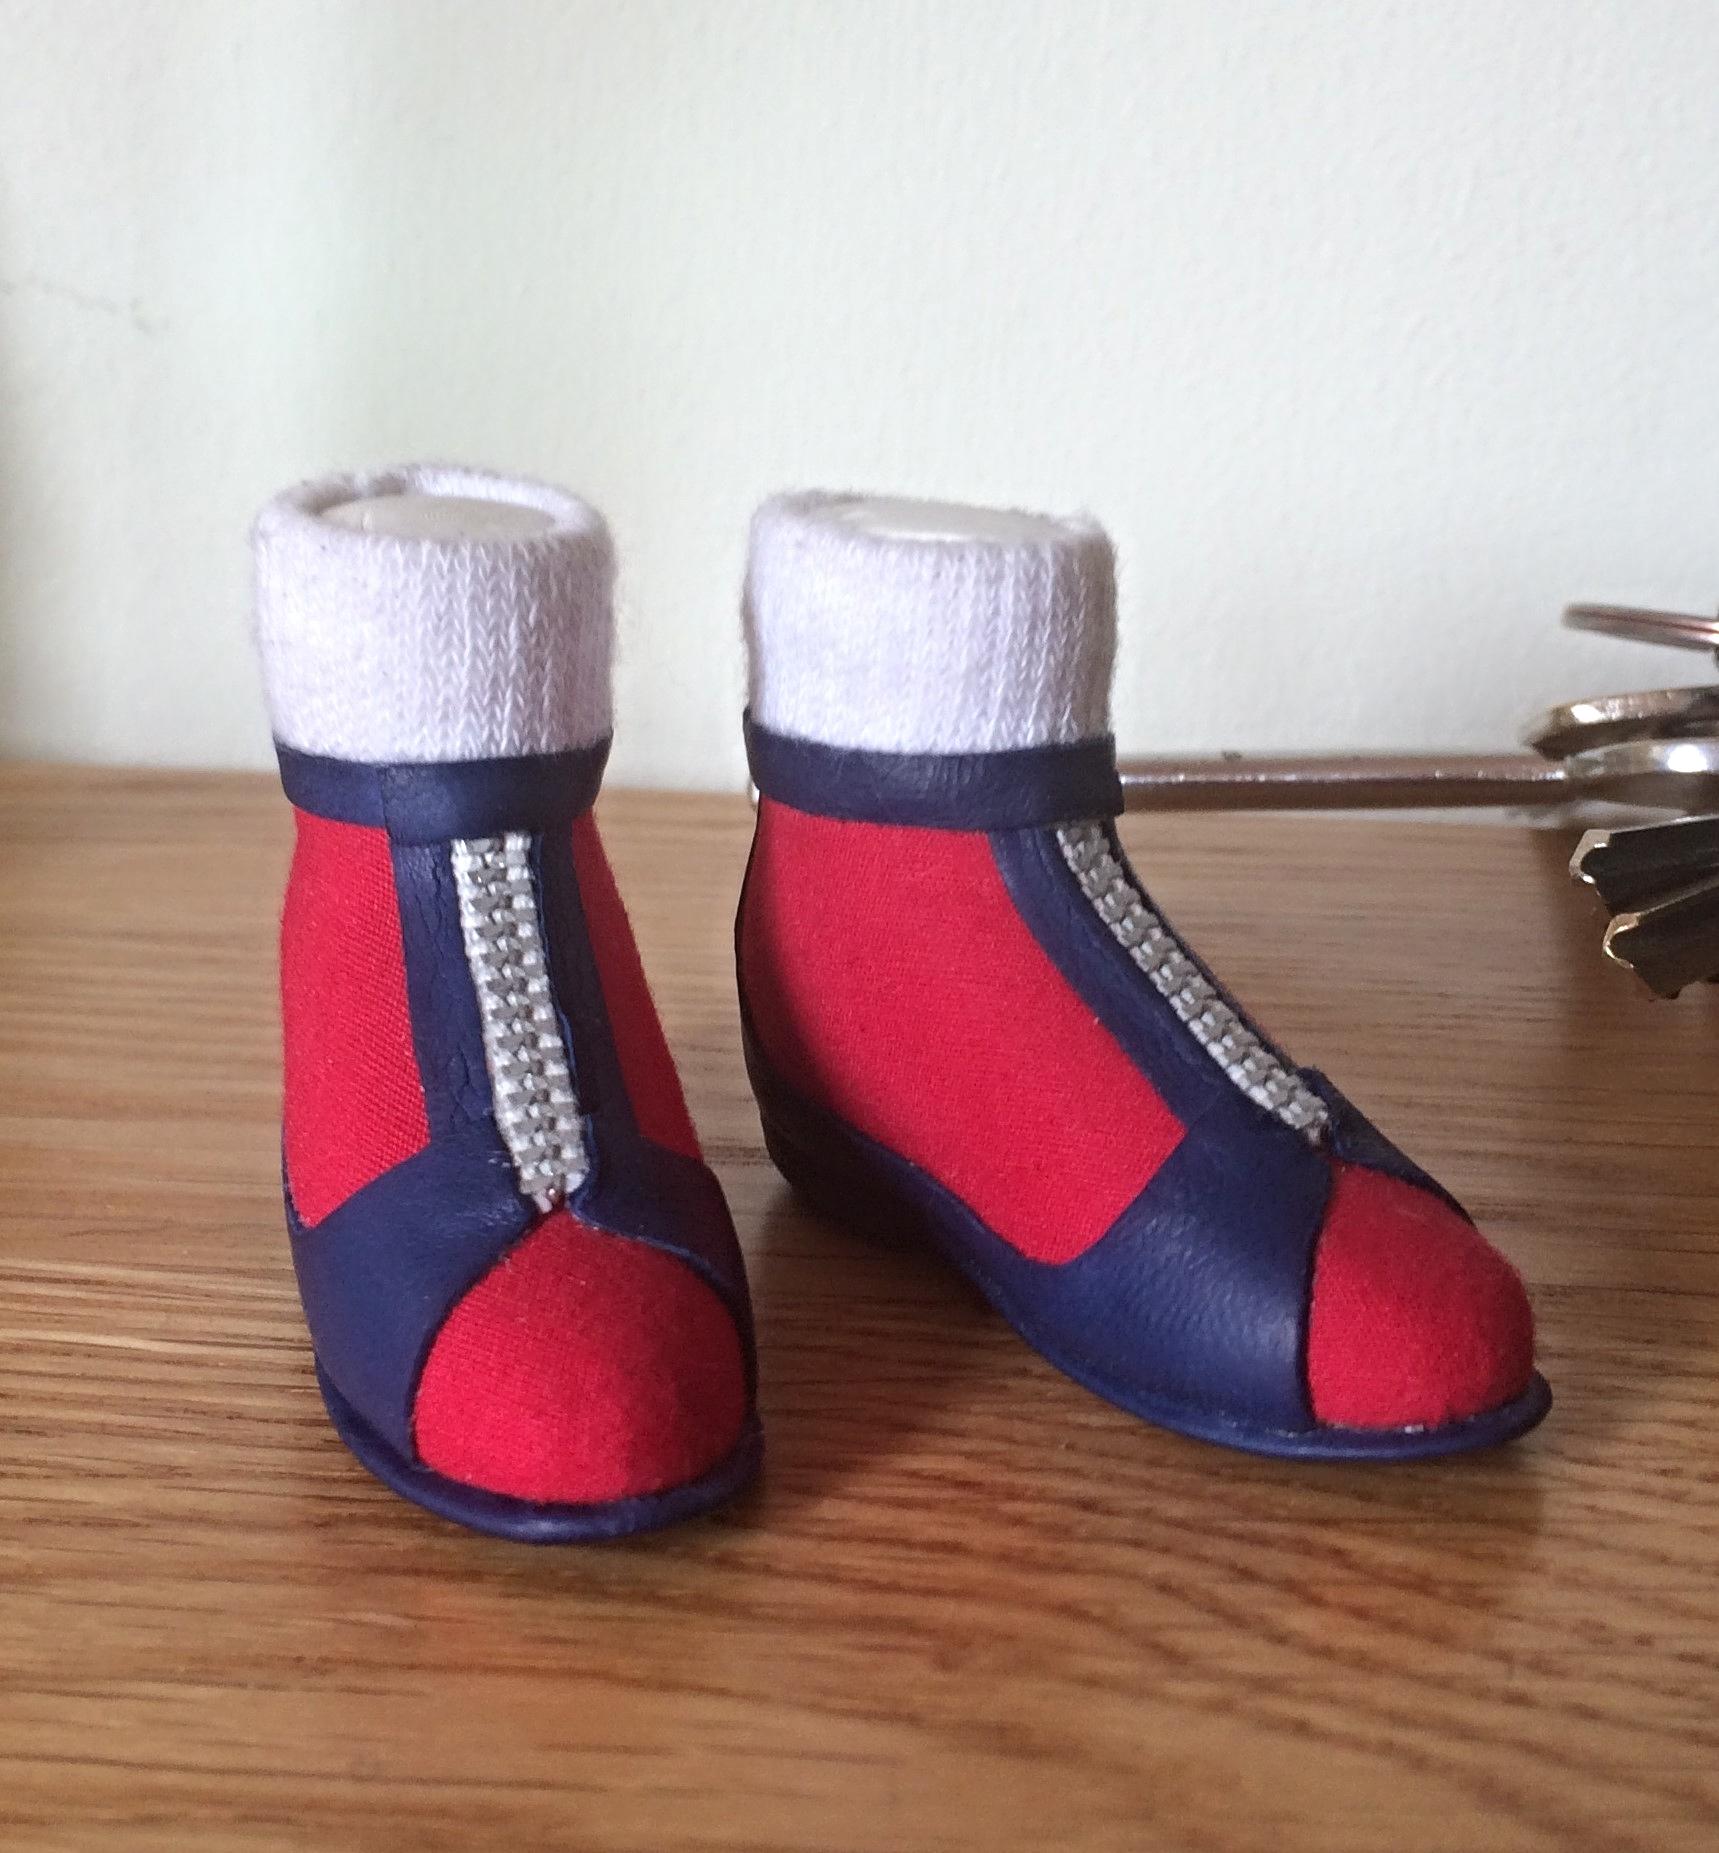 Joe 90 shoes